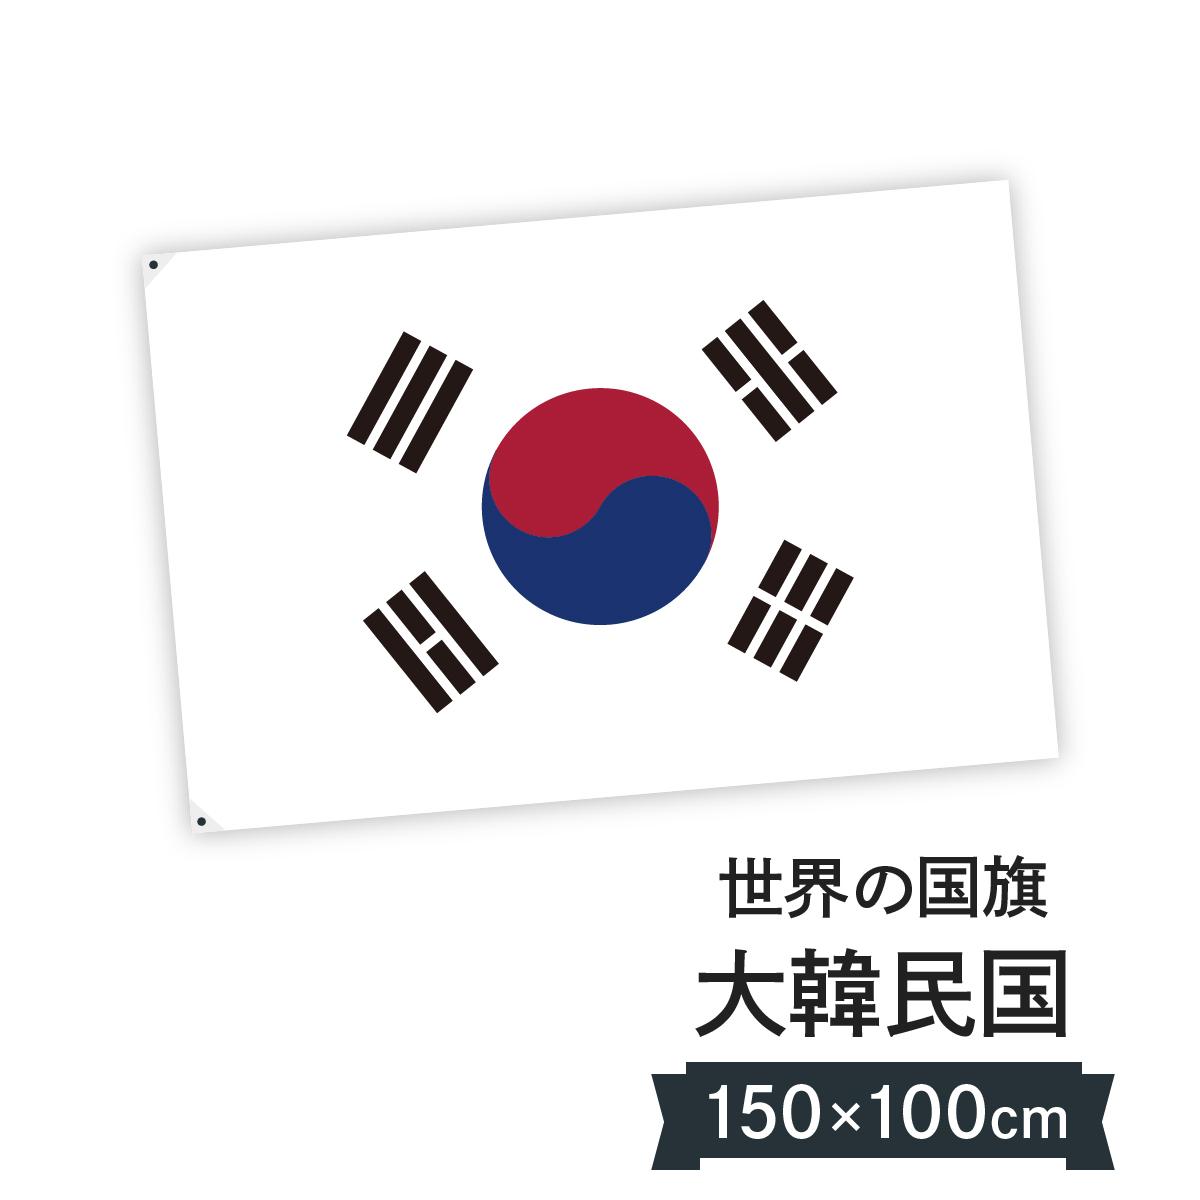 大韓民国 国旗 W150cm H100cm